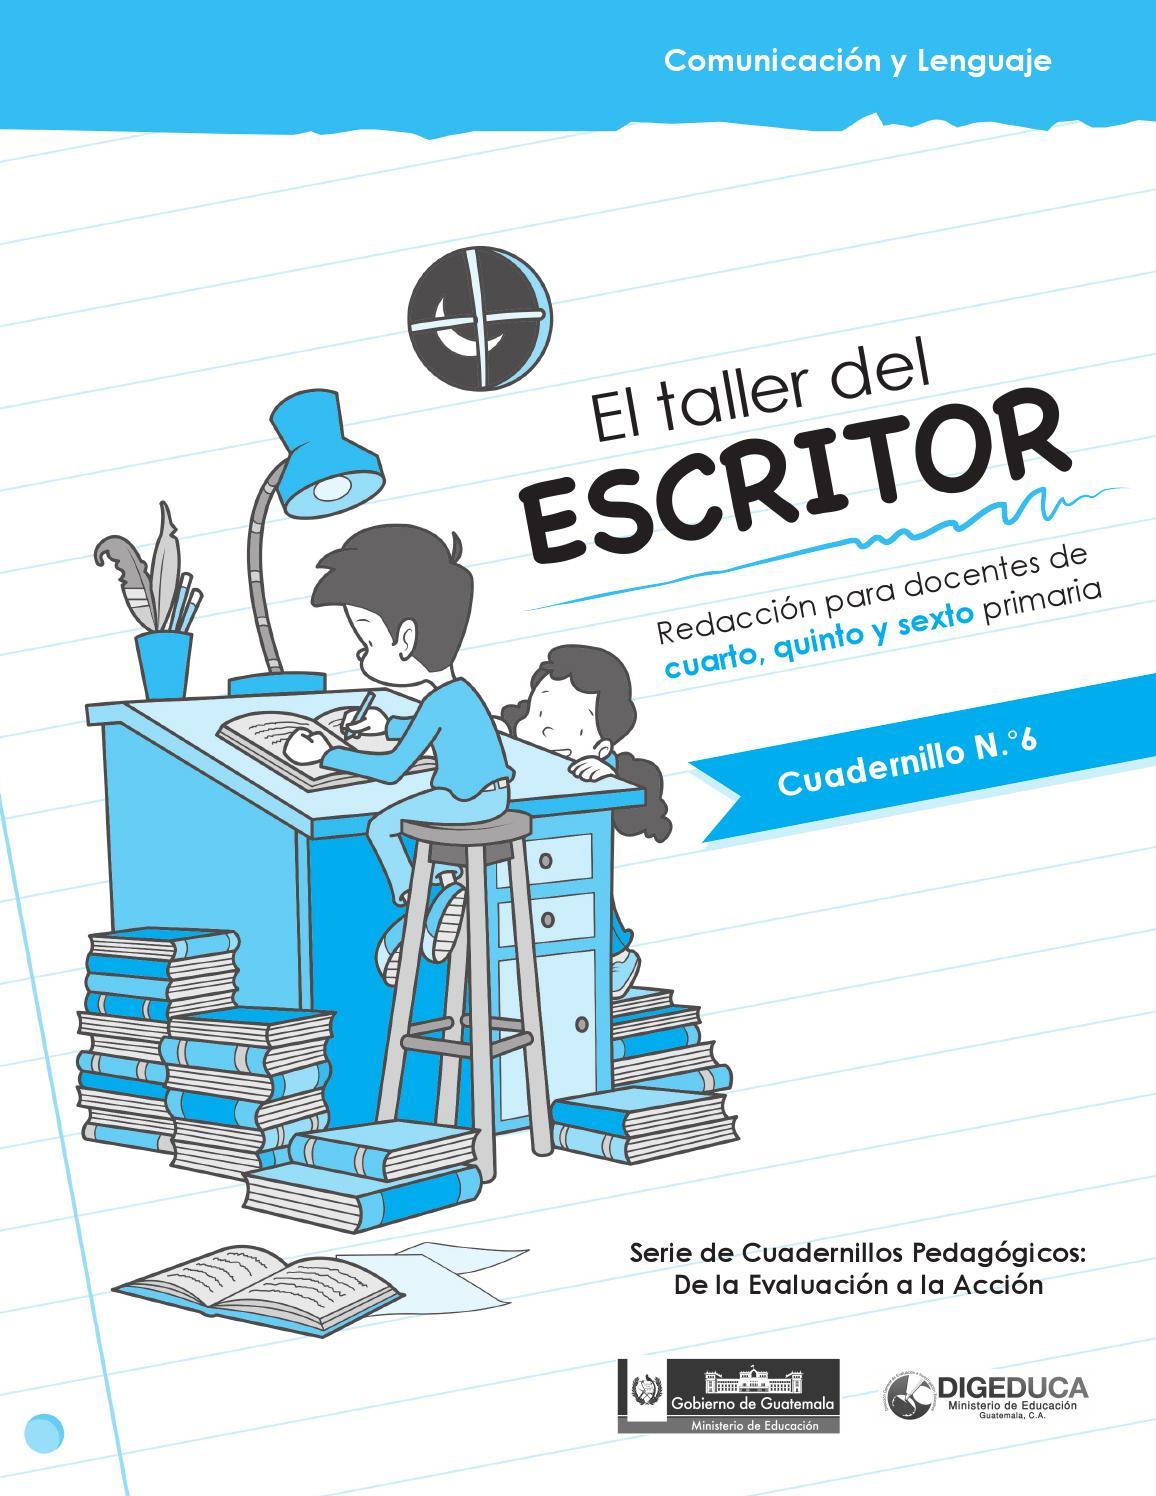 El taller del escritor redacci n para docentes de cuarto for Cuarto quinto y sexto mes de embarazo